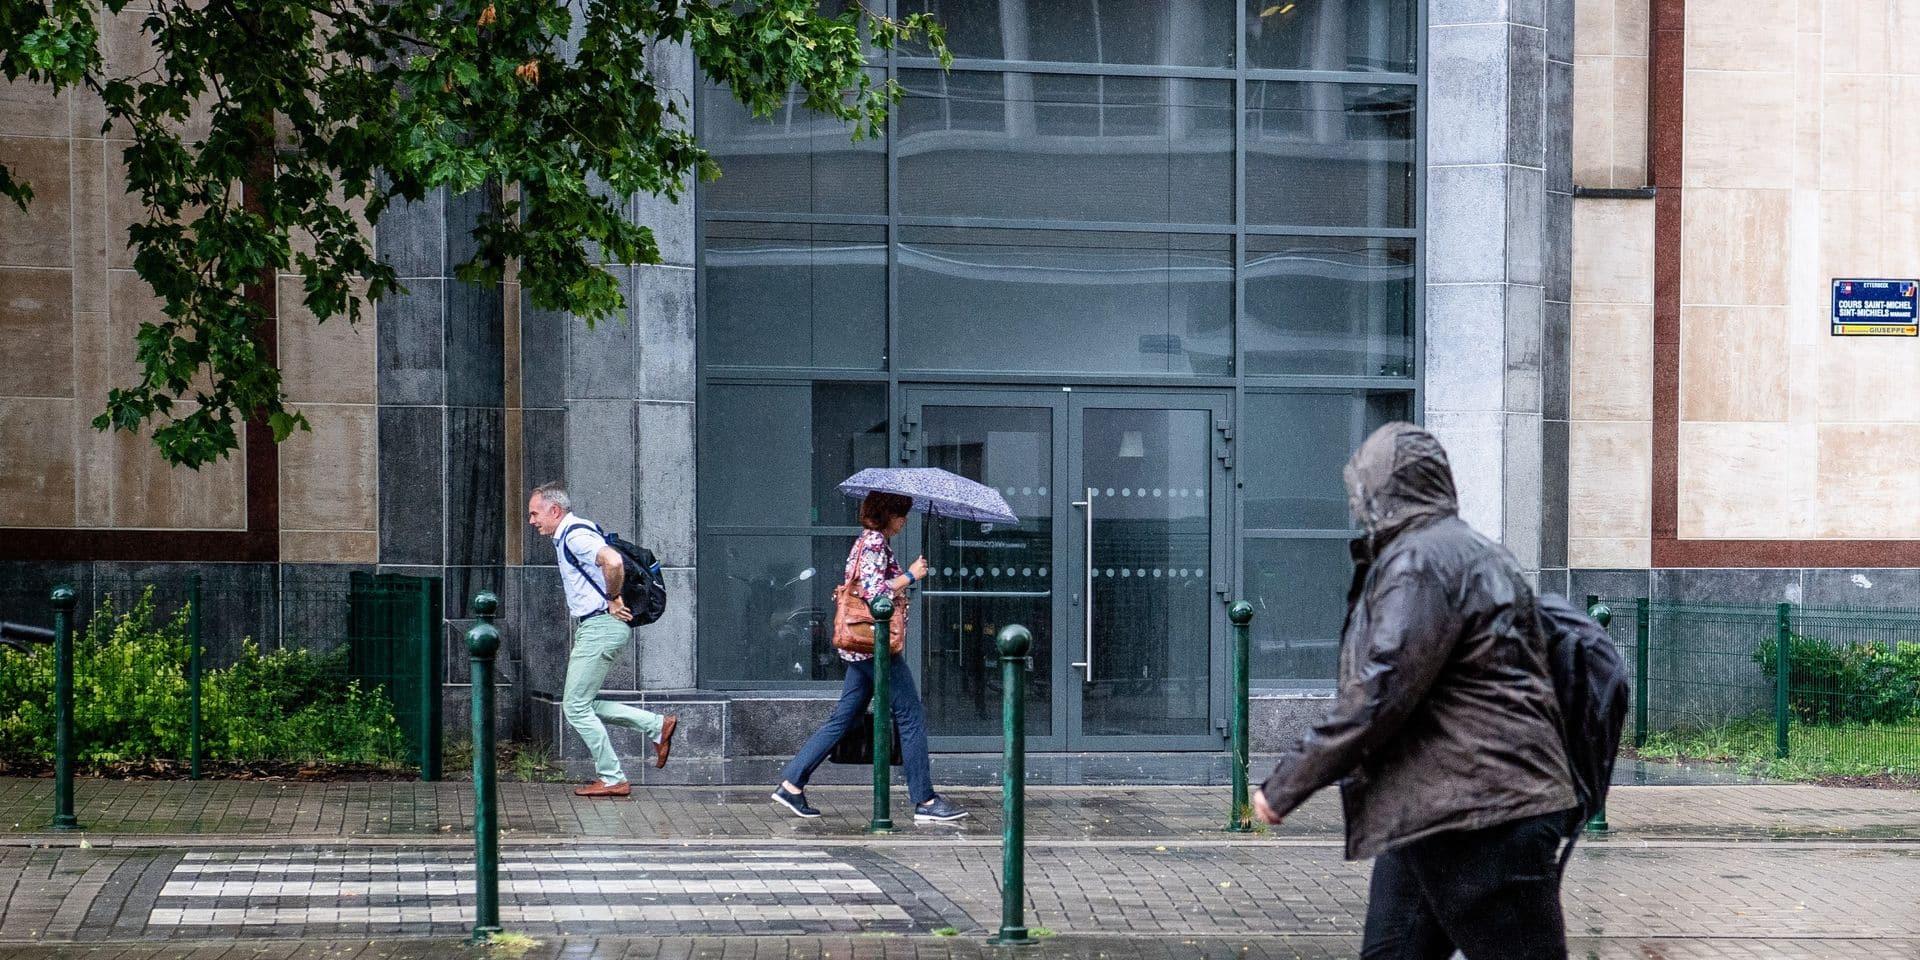 Météo: de la grisaille et de la pluie, encore et encore, avant une amélioration